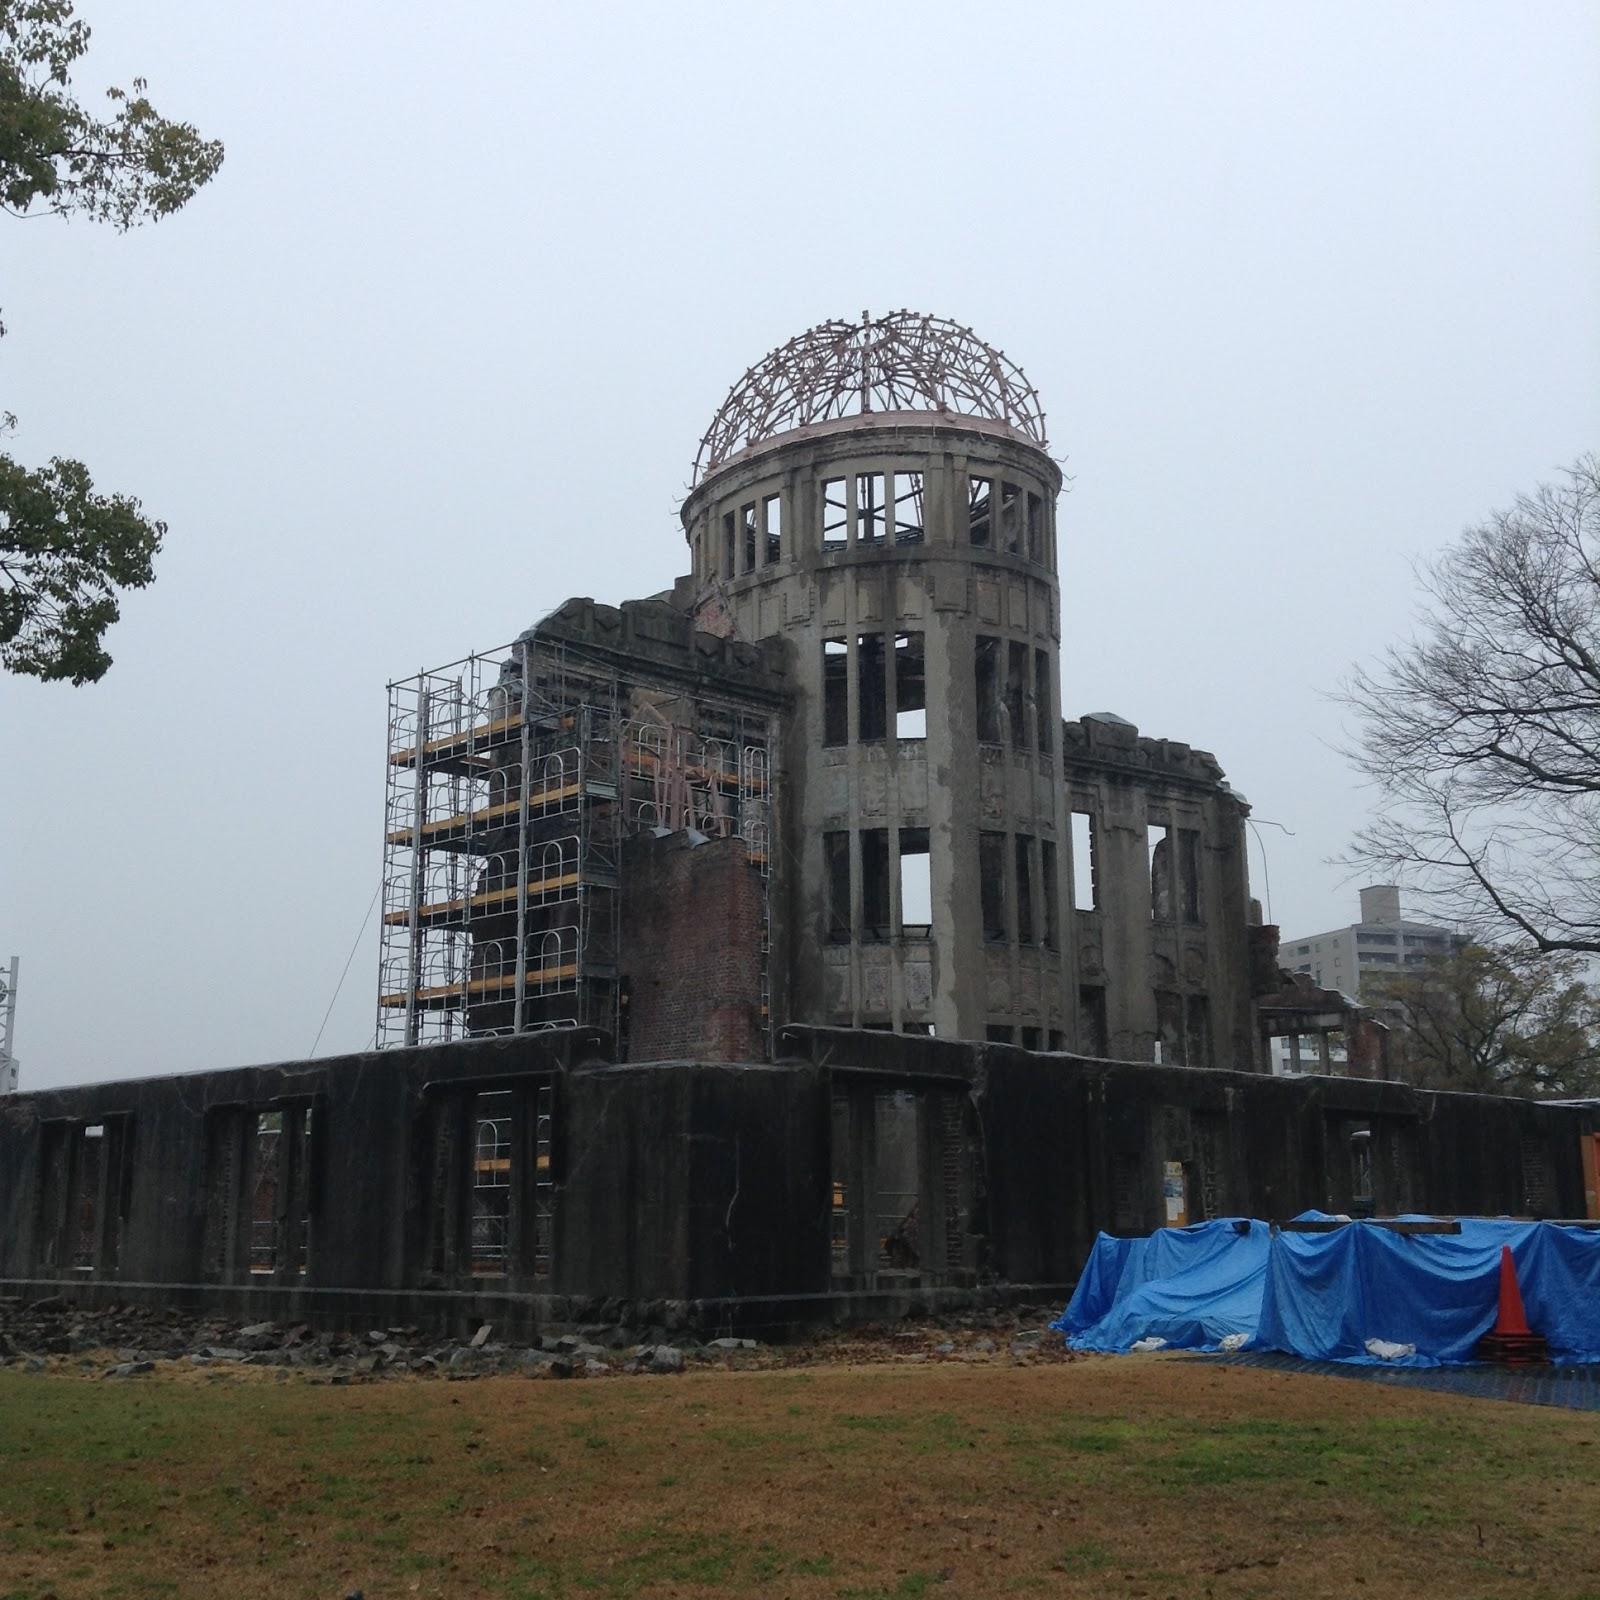 Hiroshima Genbaku dome